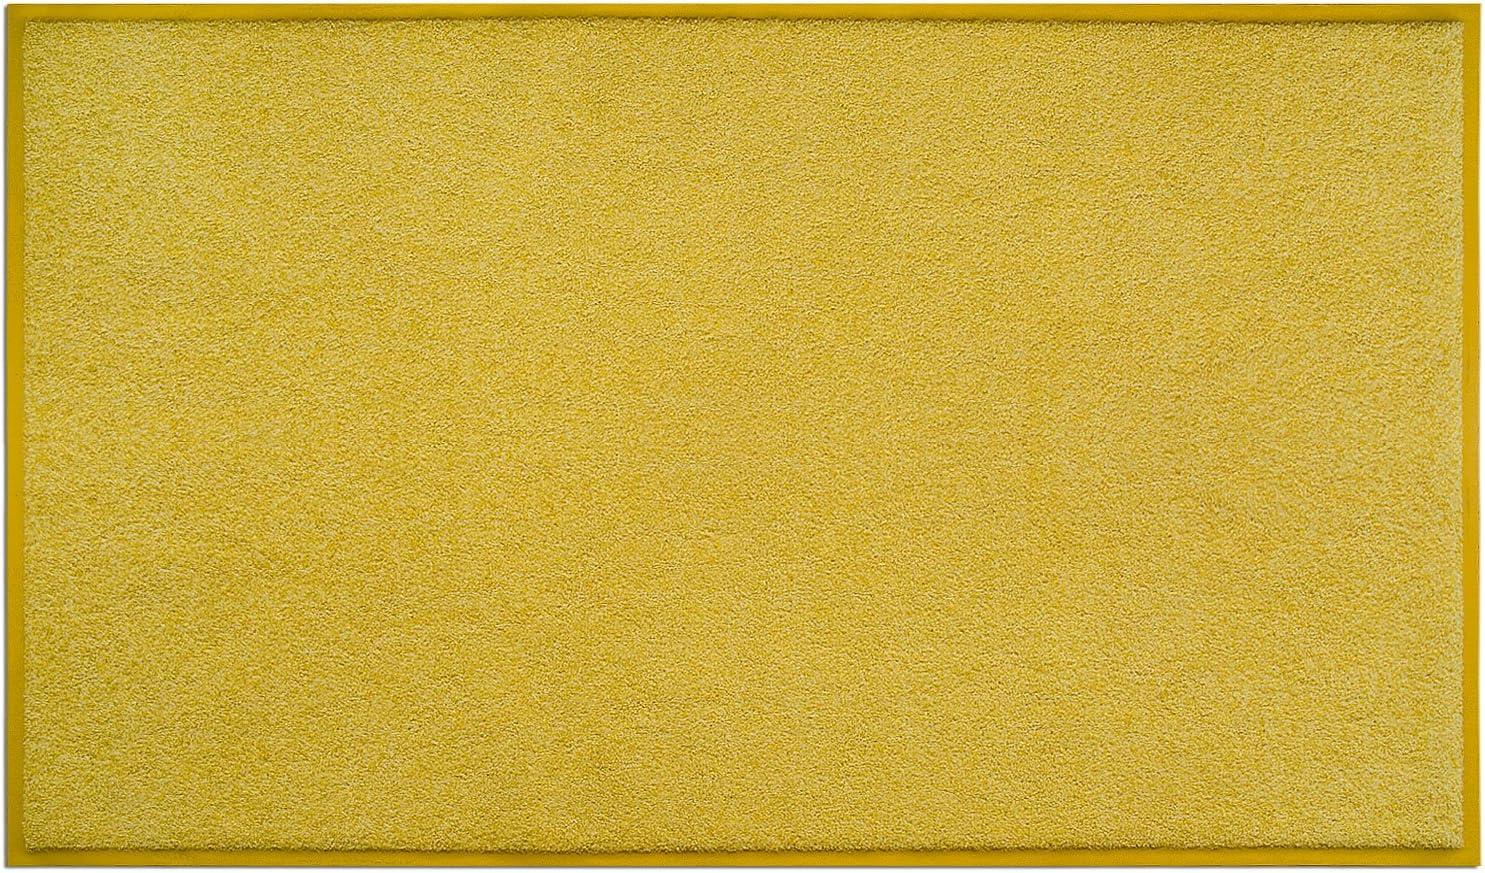 casa pura Dirt Trapper Mat - Doormat with Matching Rubber Edge | Non-slip | Absorbent | Blue, 50 x 85cm Sunshine Yellow